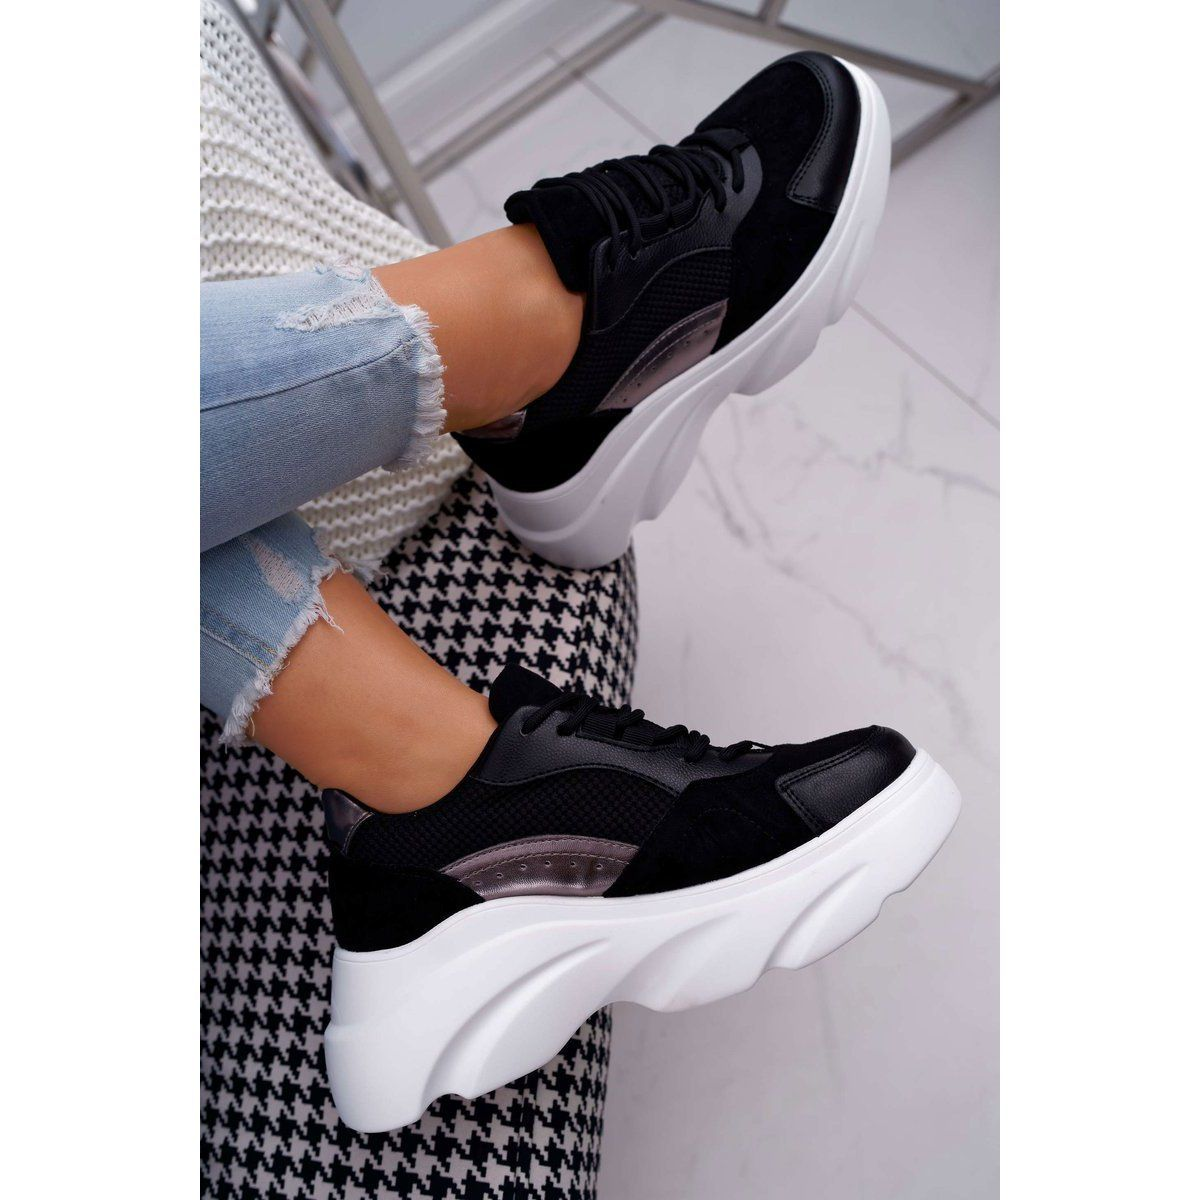 Sea Sportowe Damskie Buty Gruba Podeszwa Czarne Cardamon Adidas Sneakers Sneakers Shoes